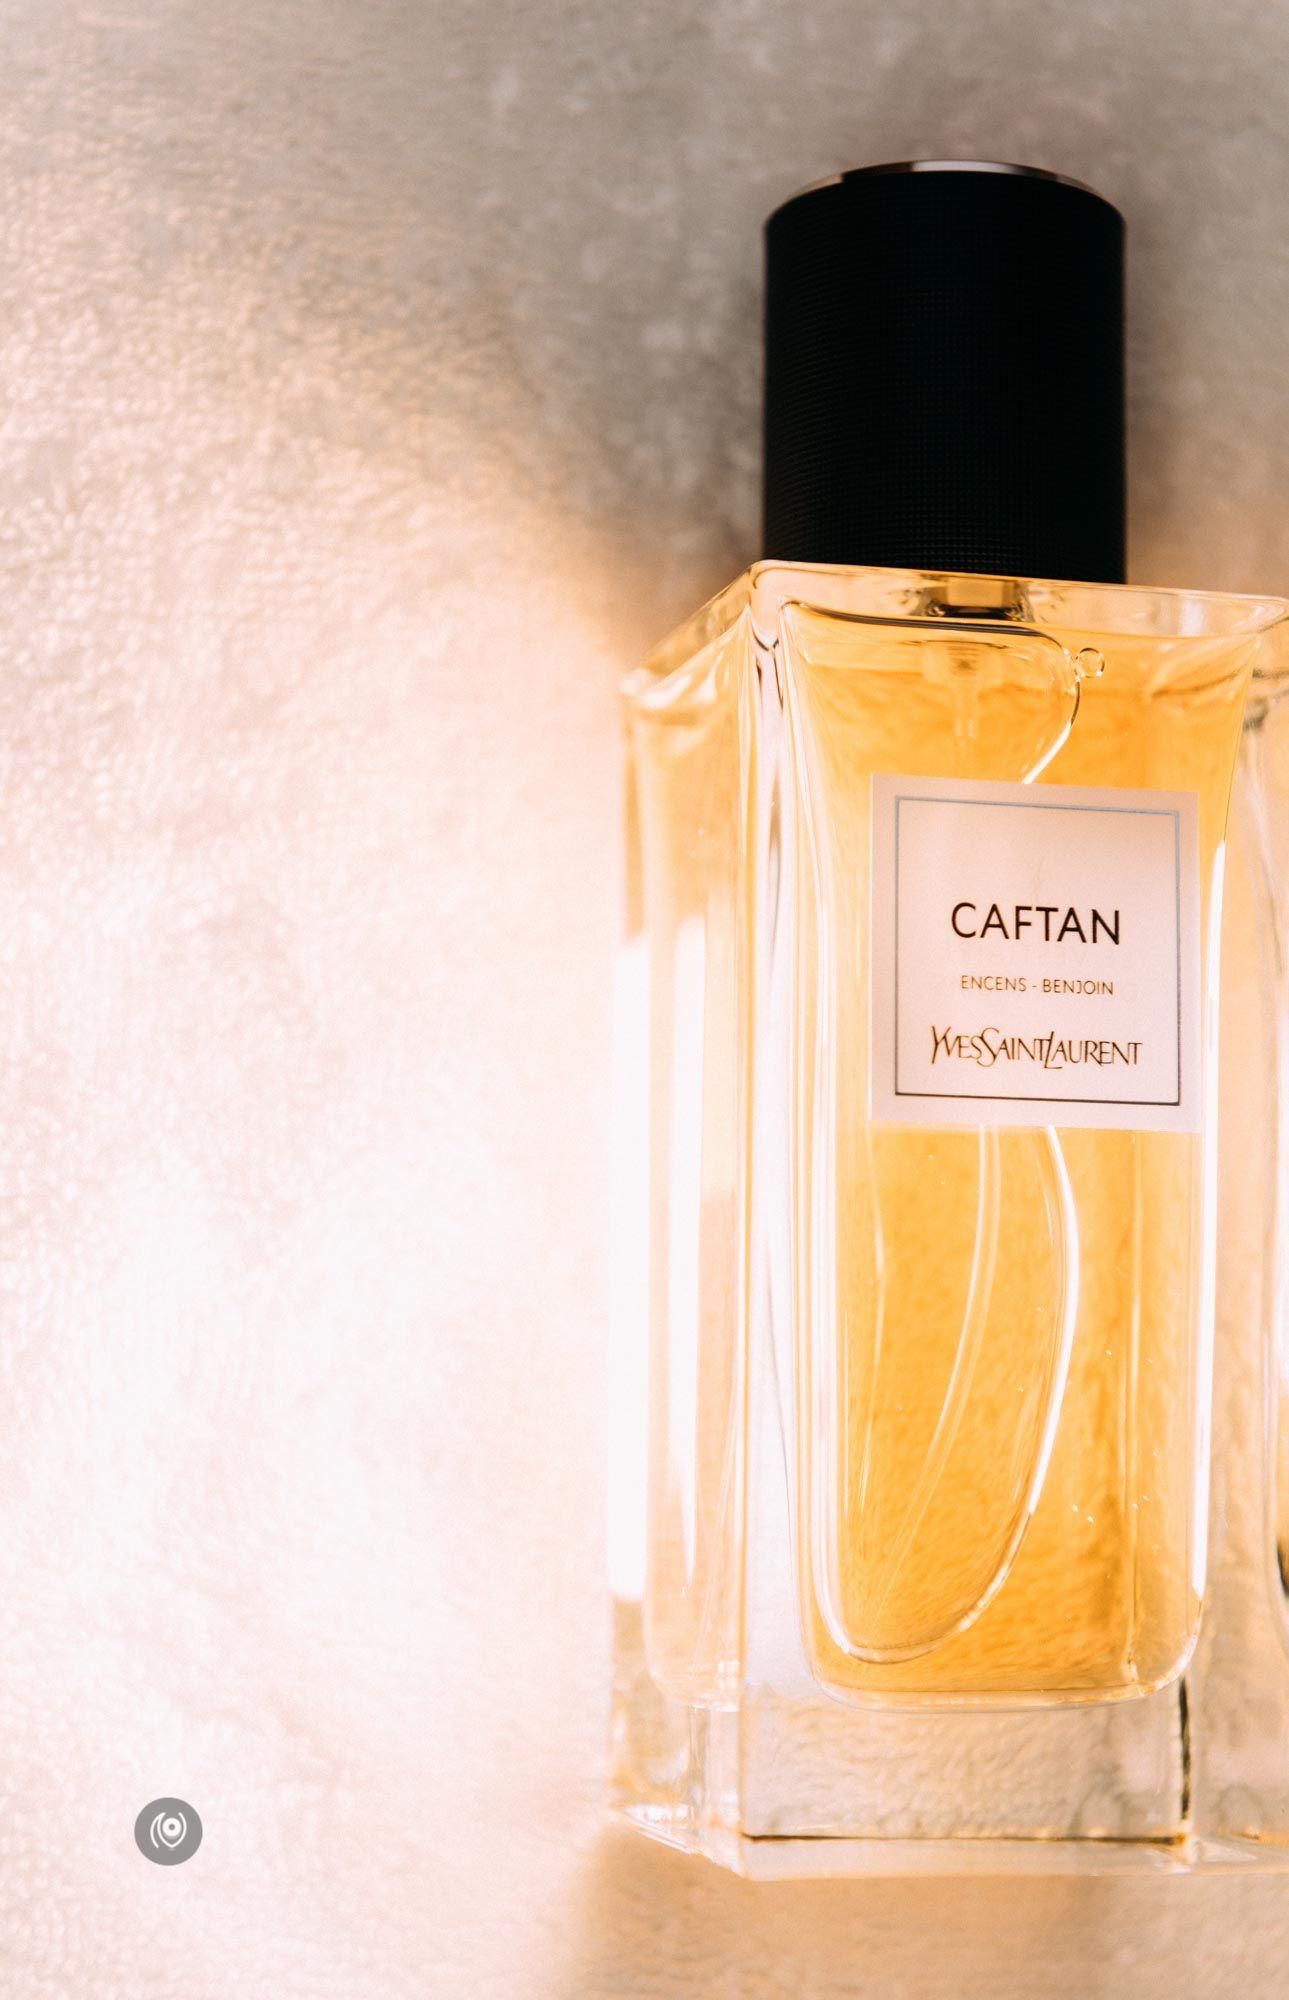 Yves Des Saint LaurentCaftanLe Vestiaire Parfums 29EDWHIeY